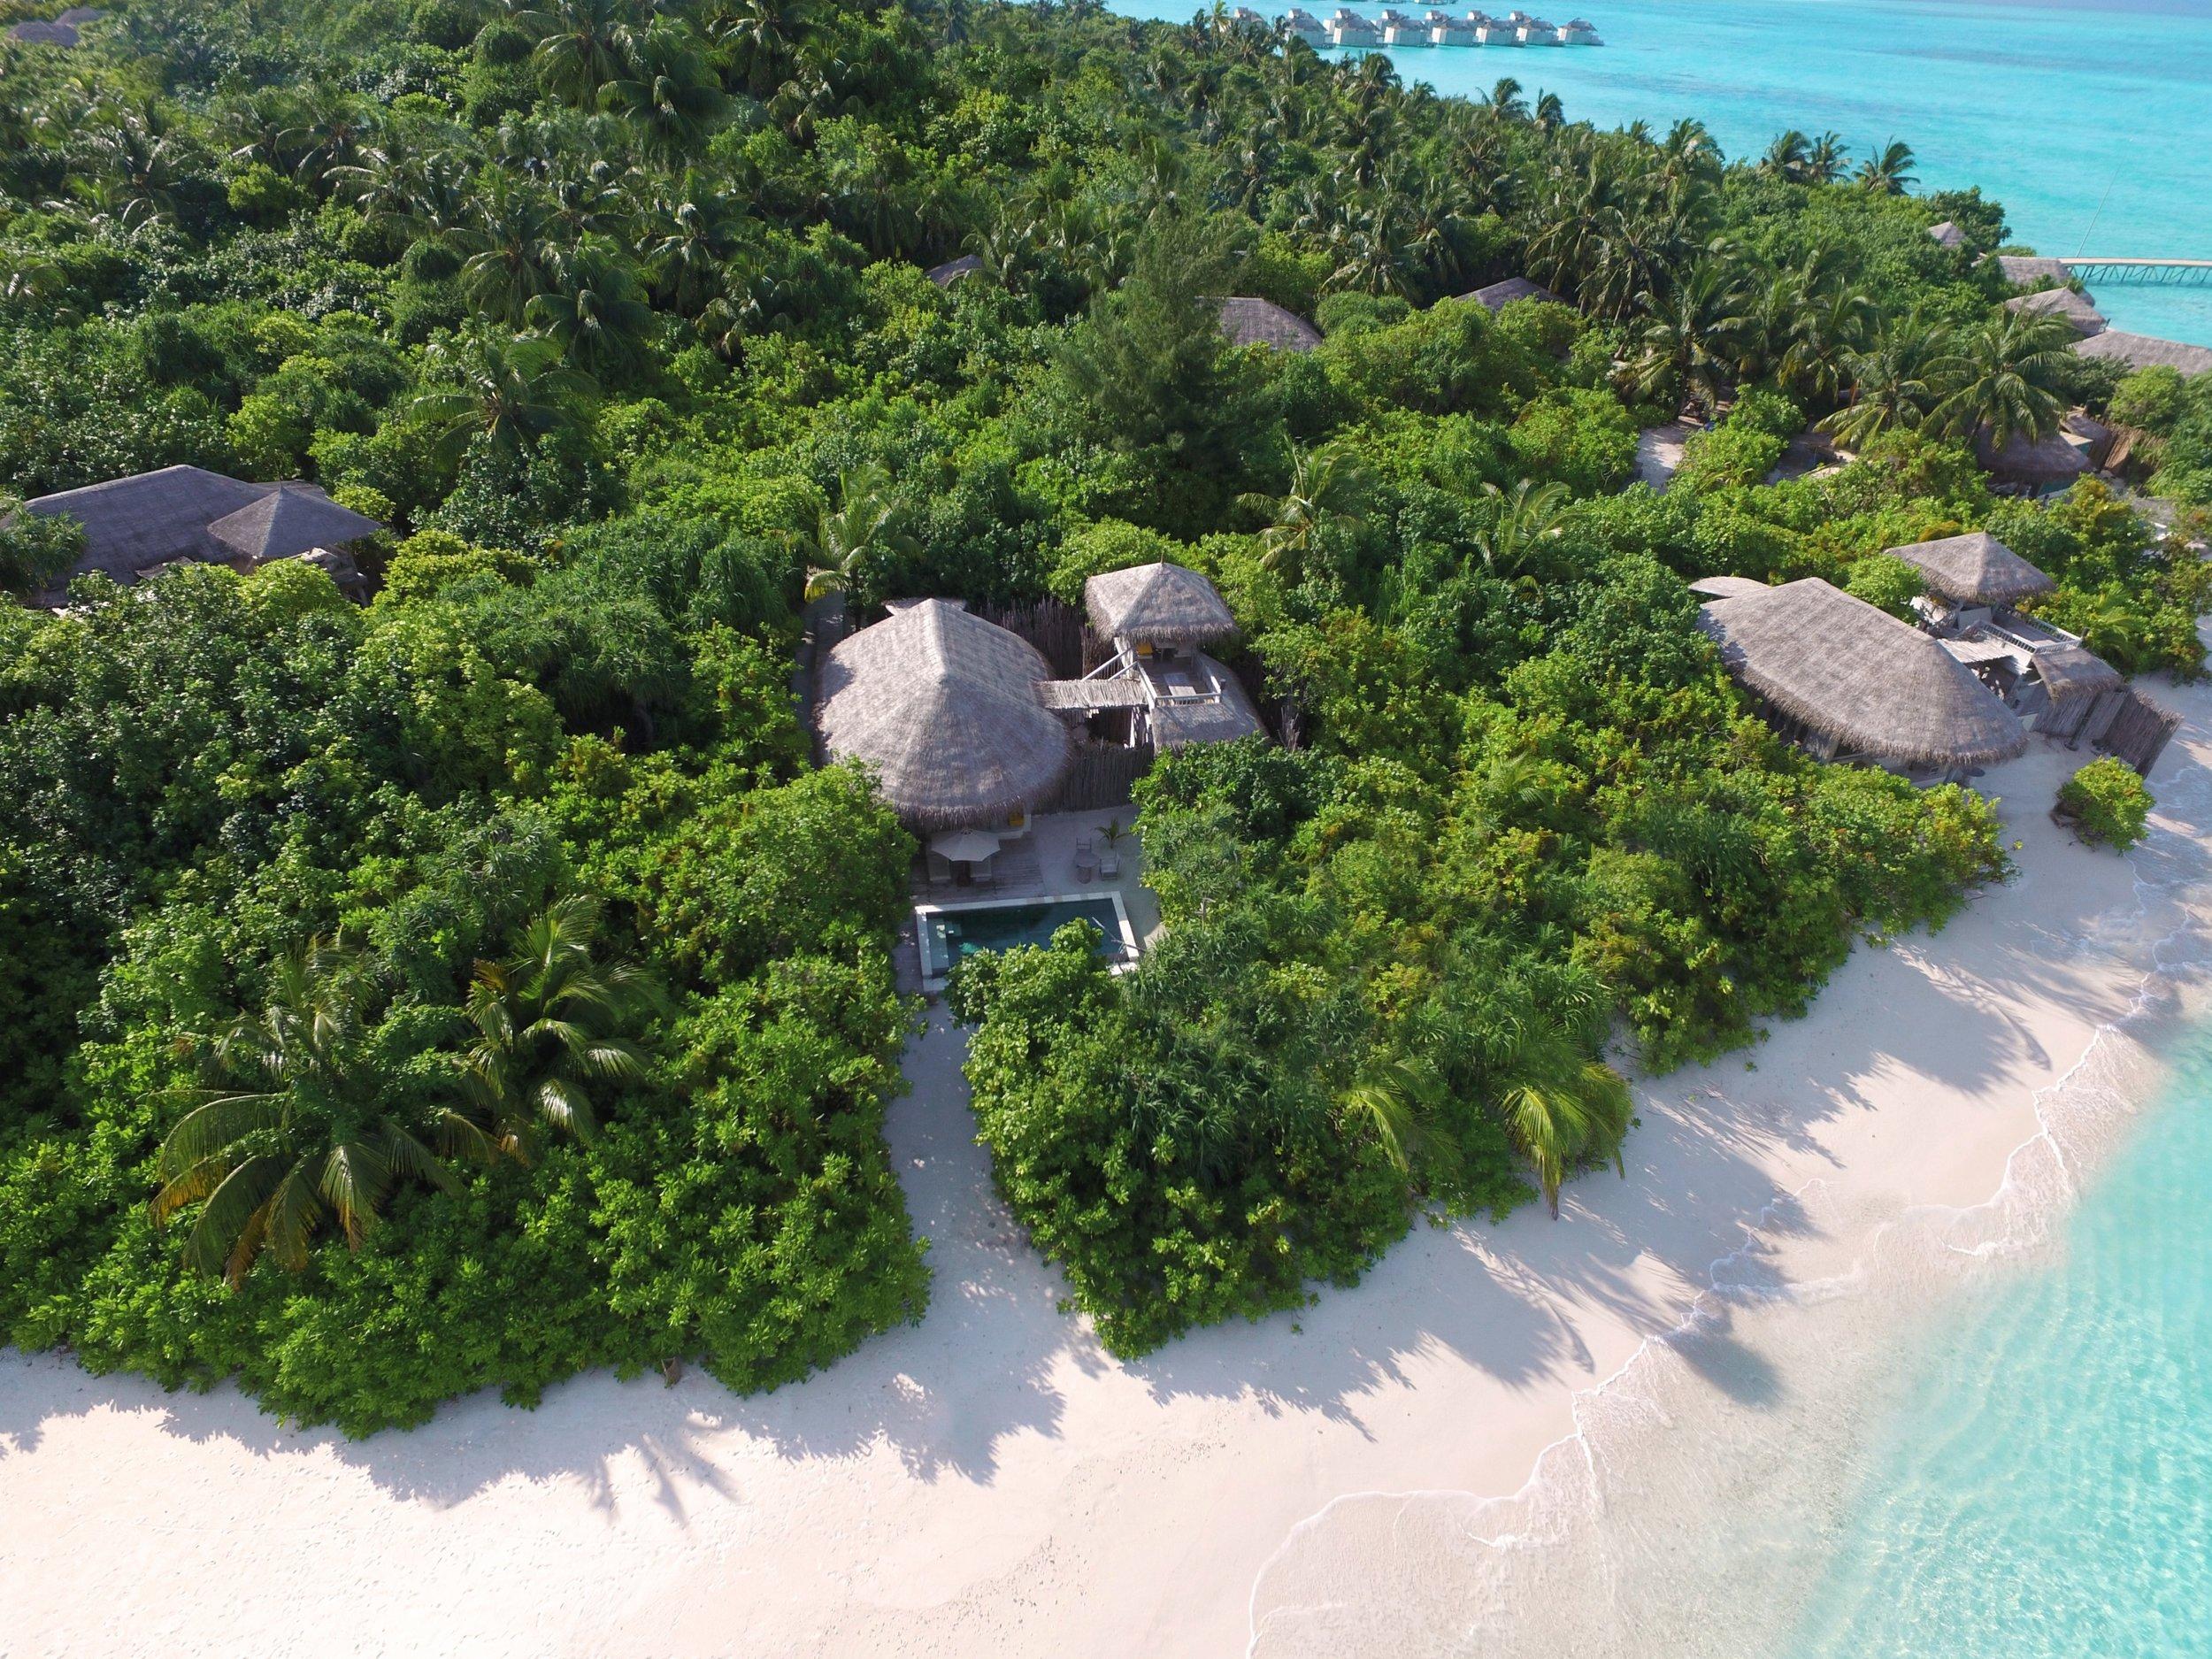 Ocean_Beach_Villa_with_Pool_Aerial_view_[6652-A4].jpg